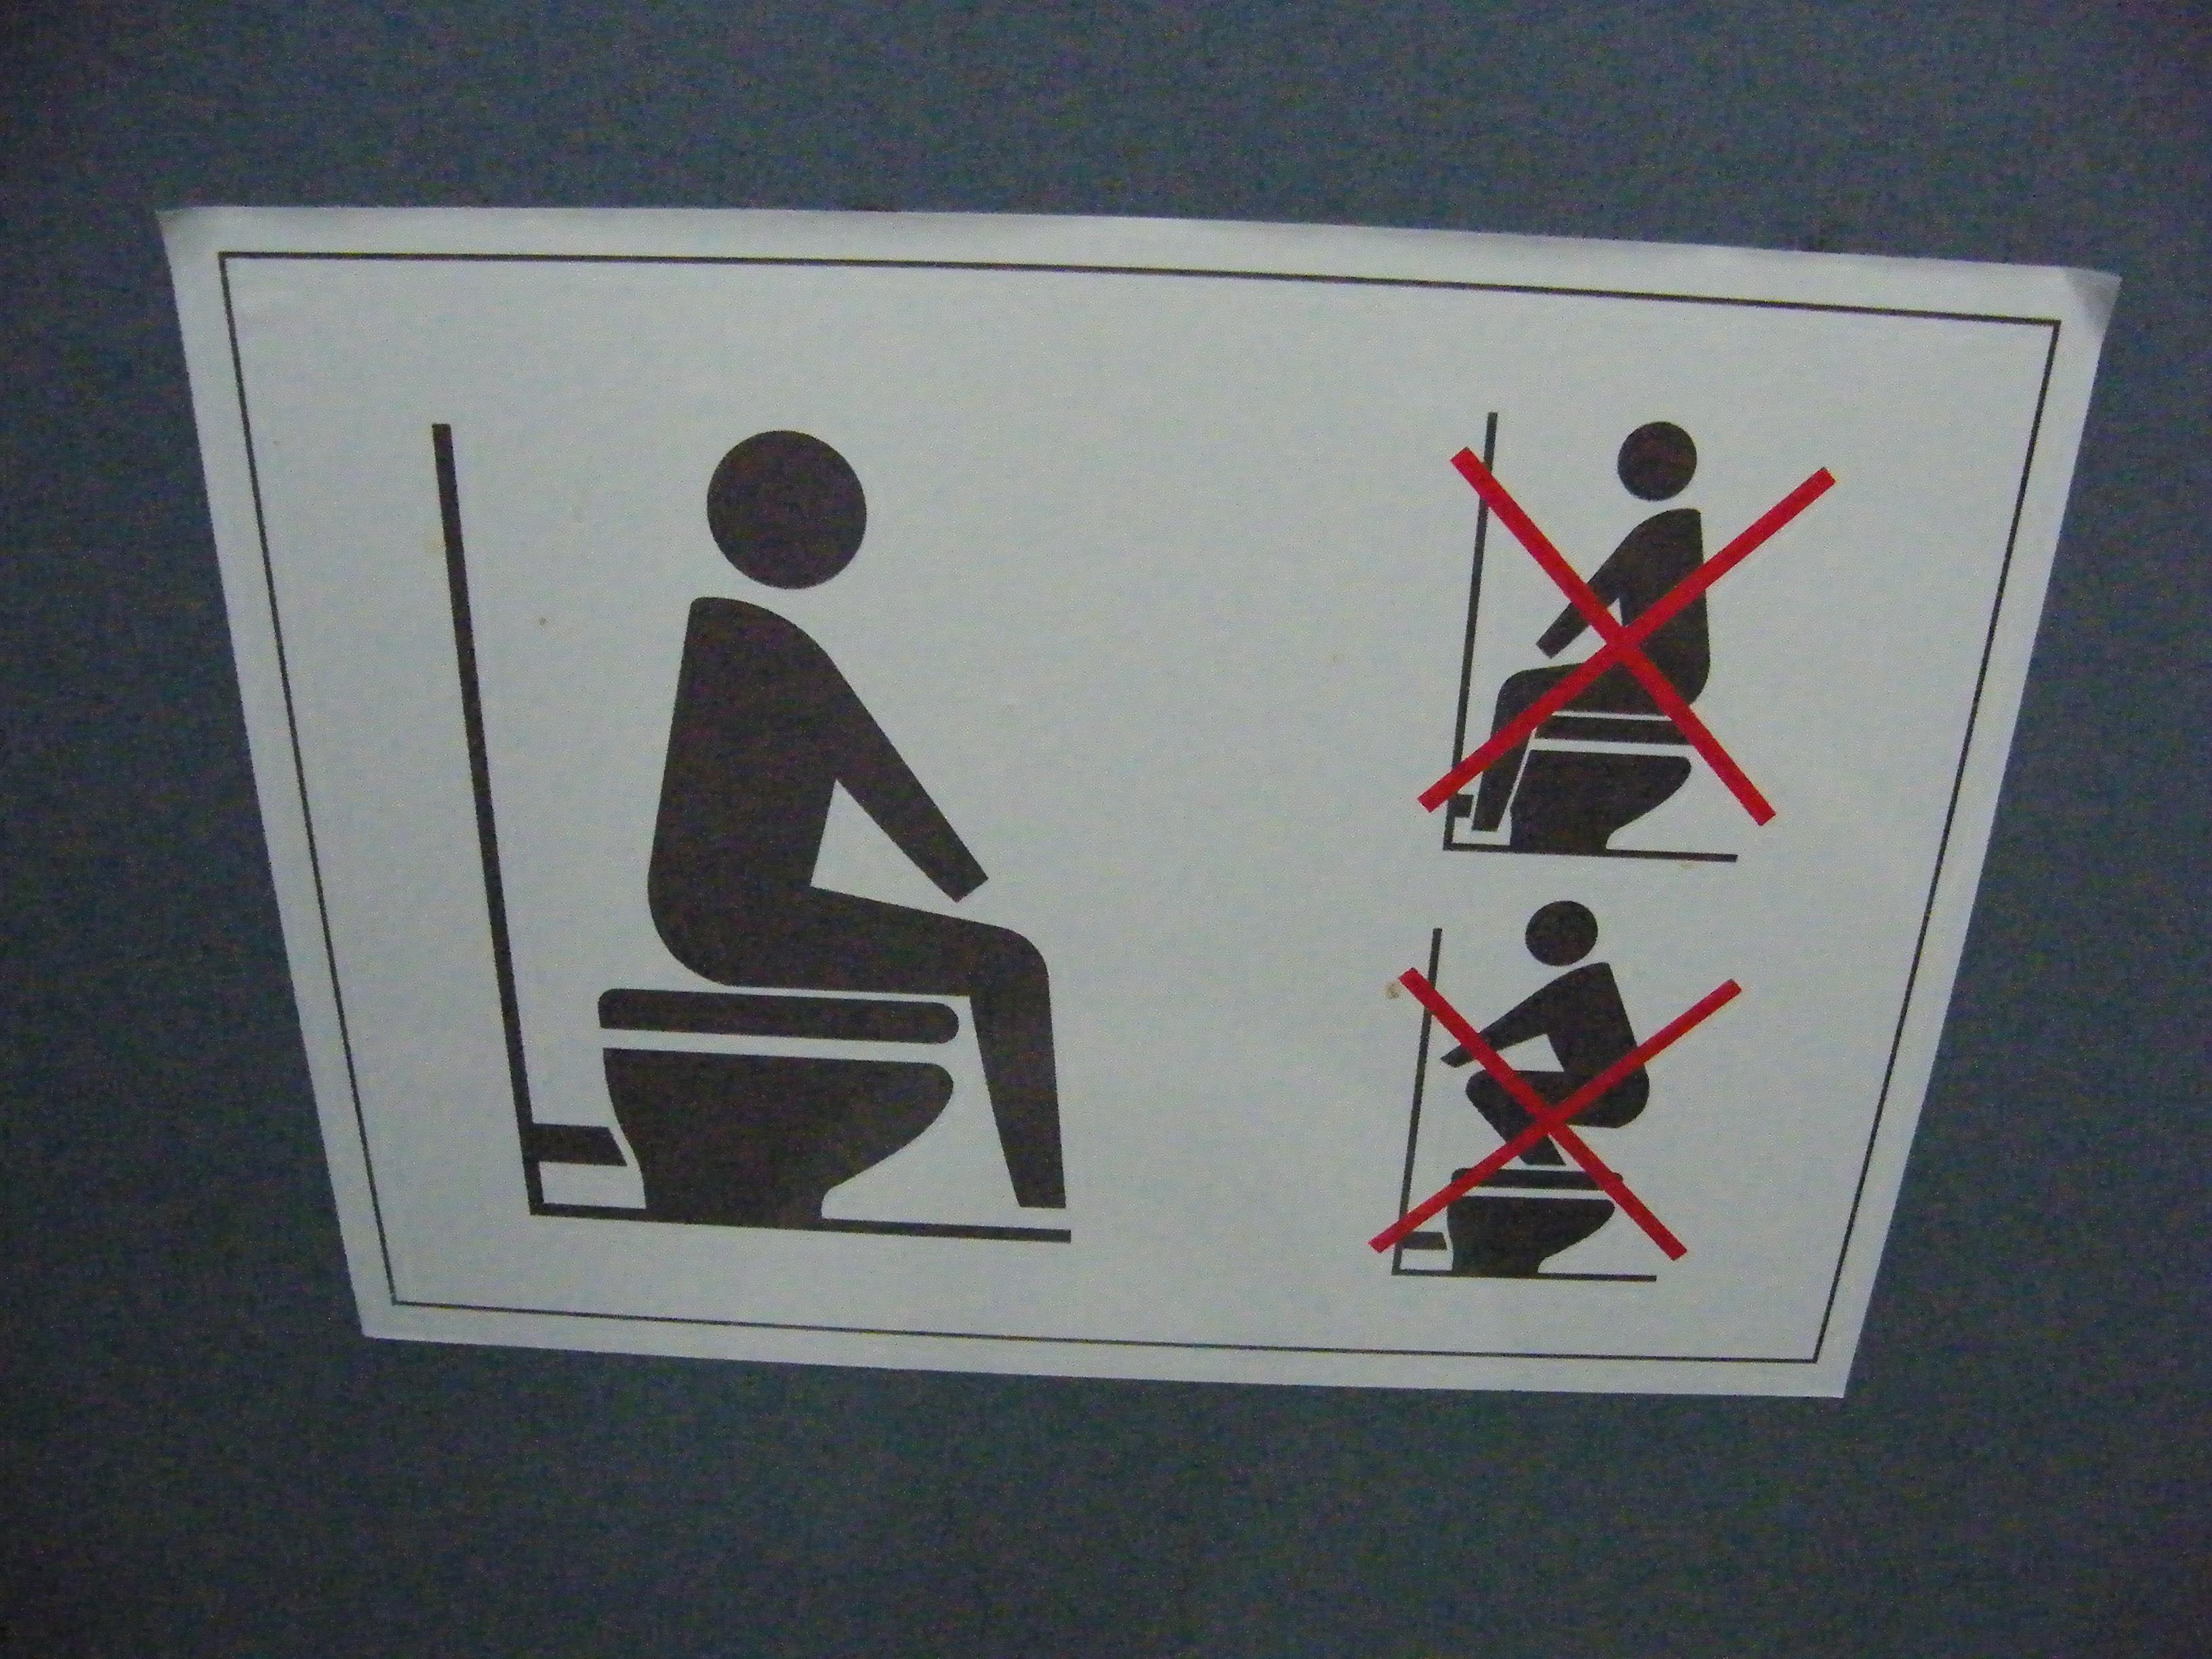 del resto, quale modo migliore di questo, per garantire un corretto e sicuro utilizzo?